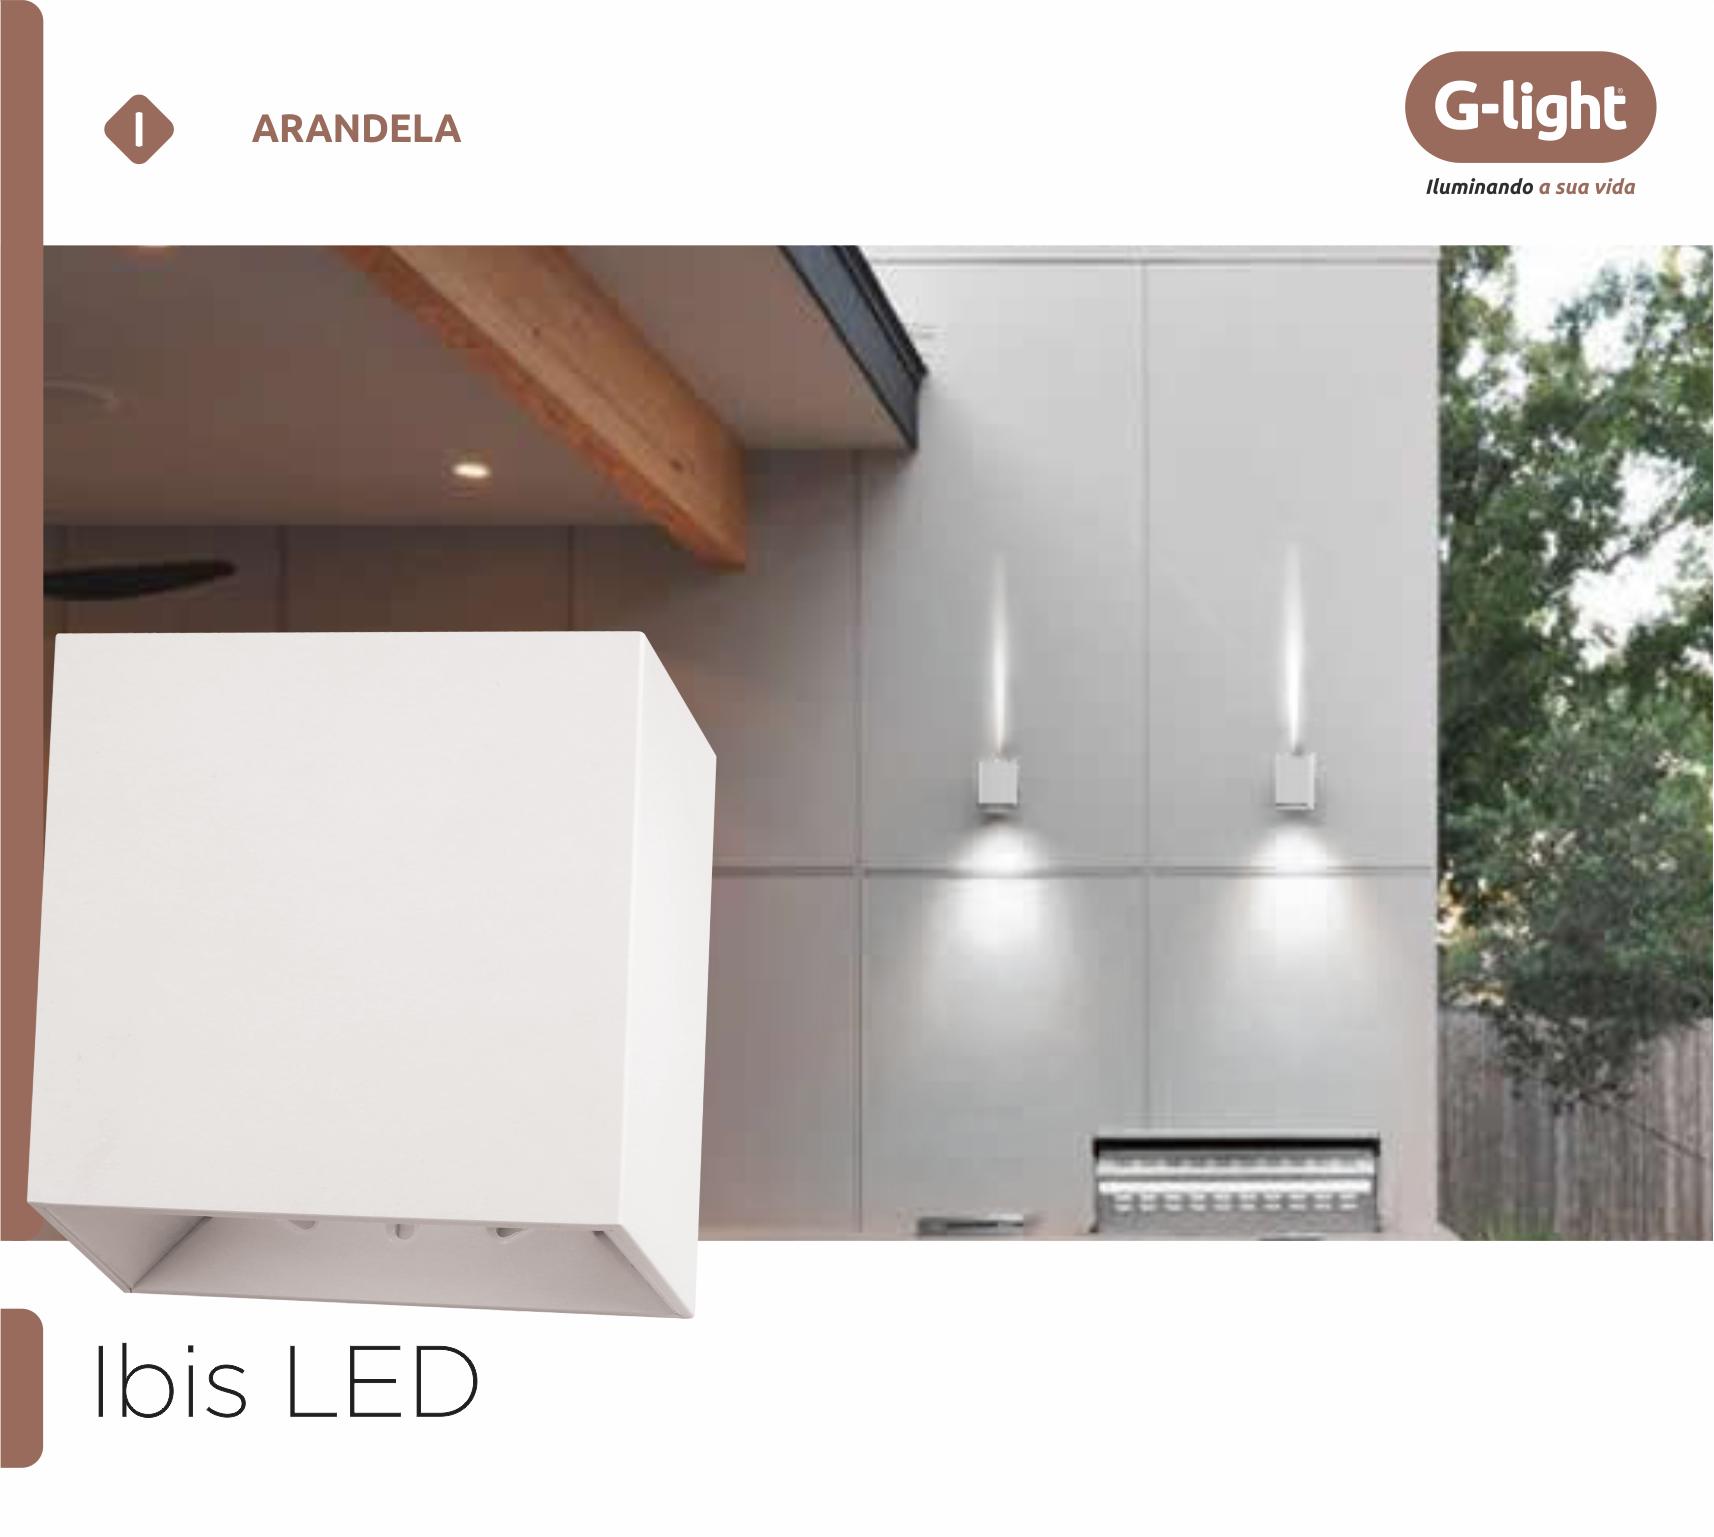 IBIS LED